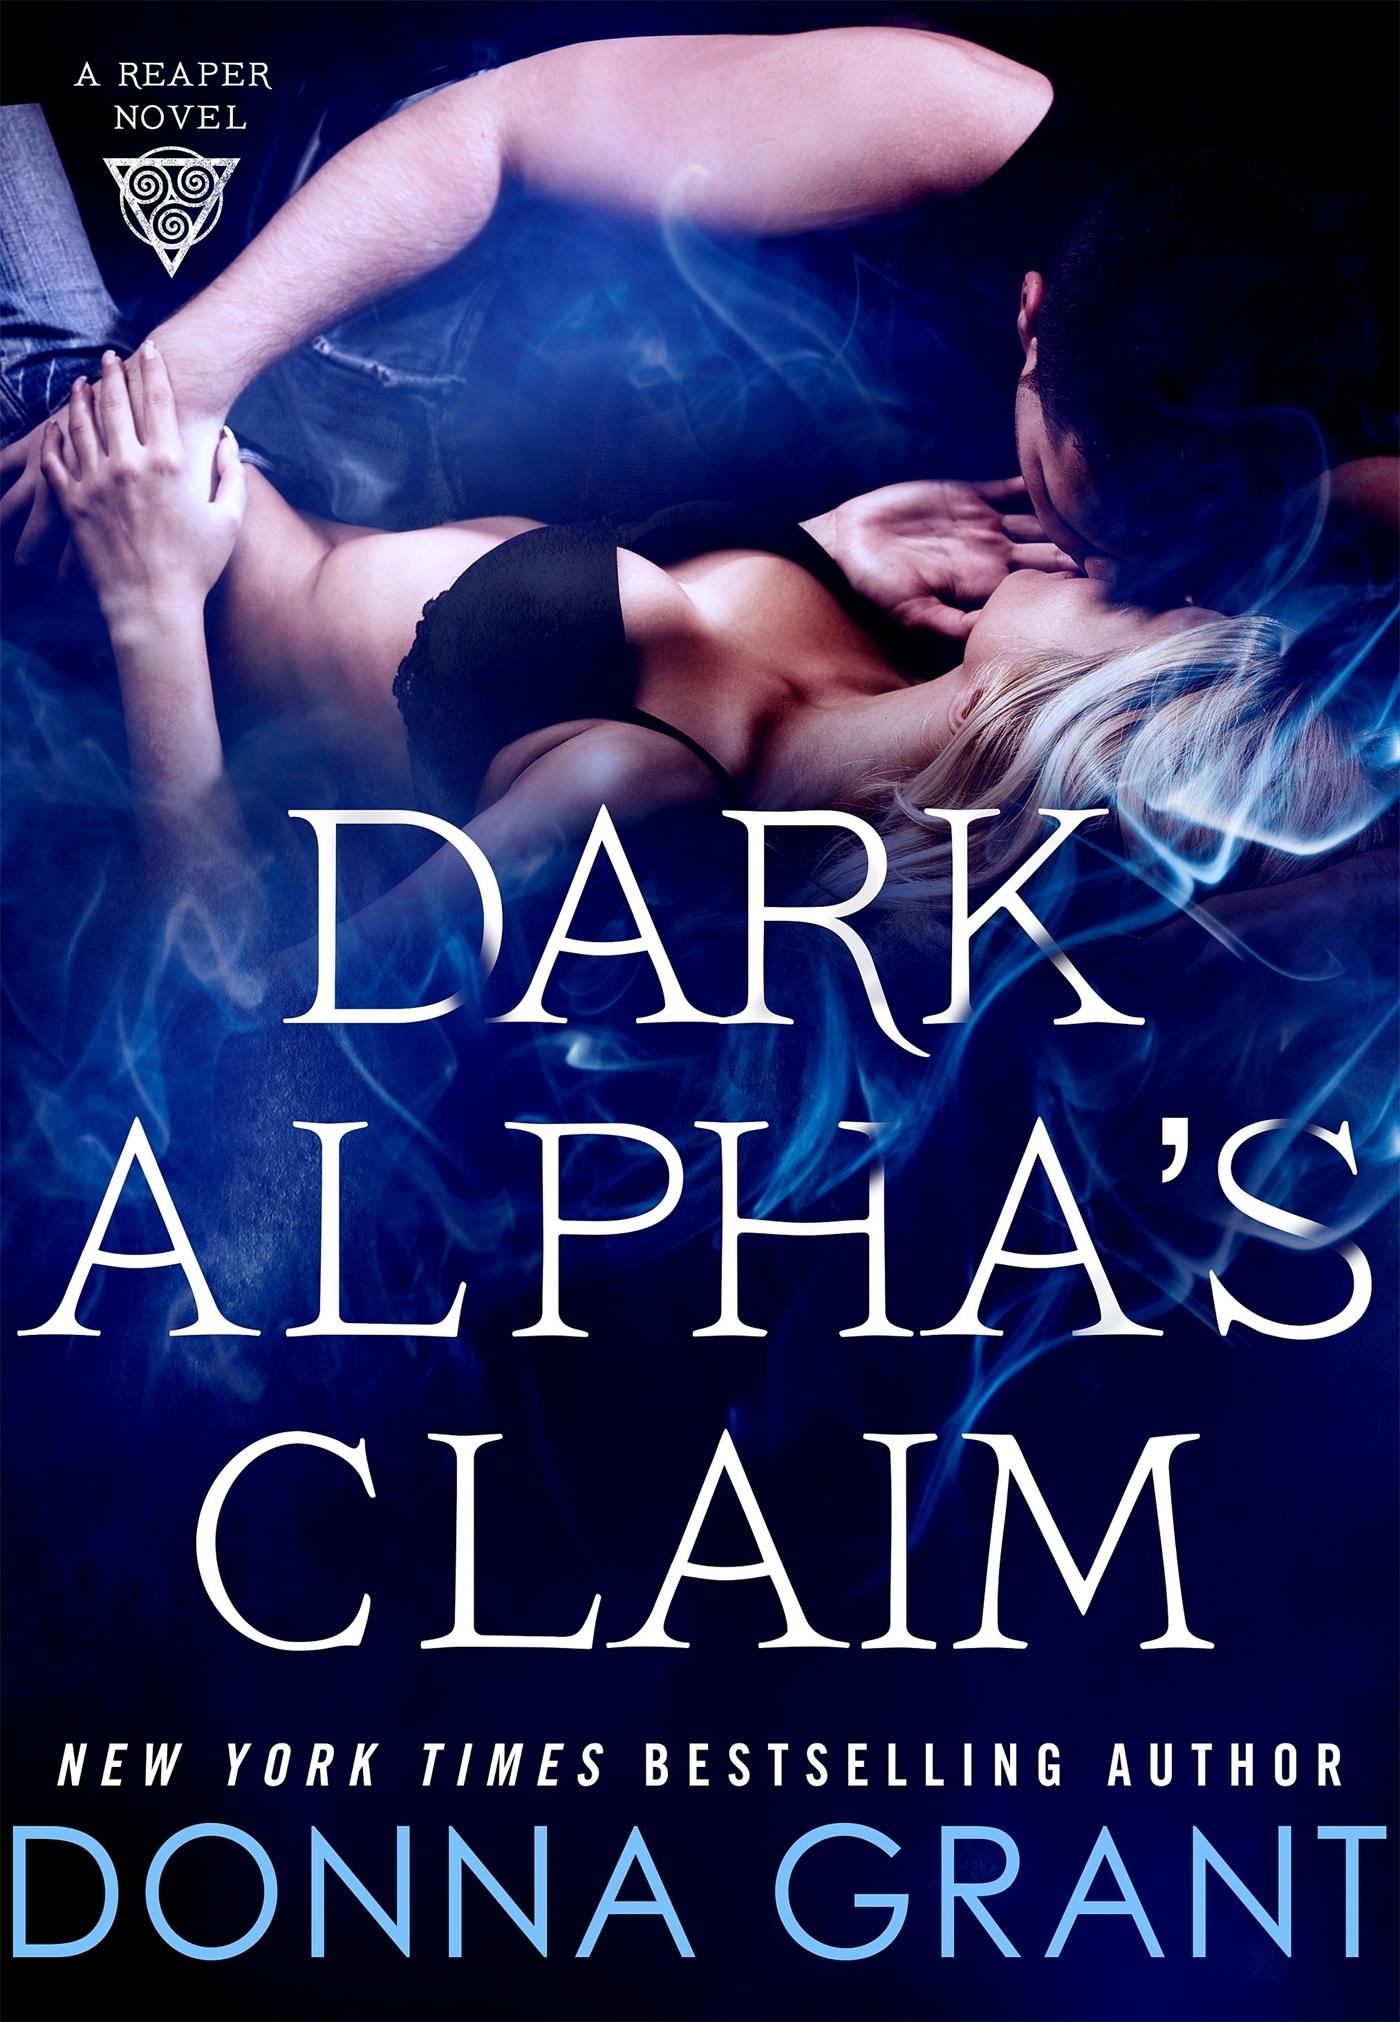 Dark Alphas Claim (Reaper #1) Donna Grant